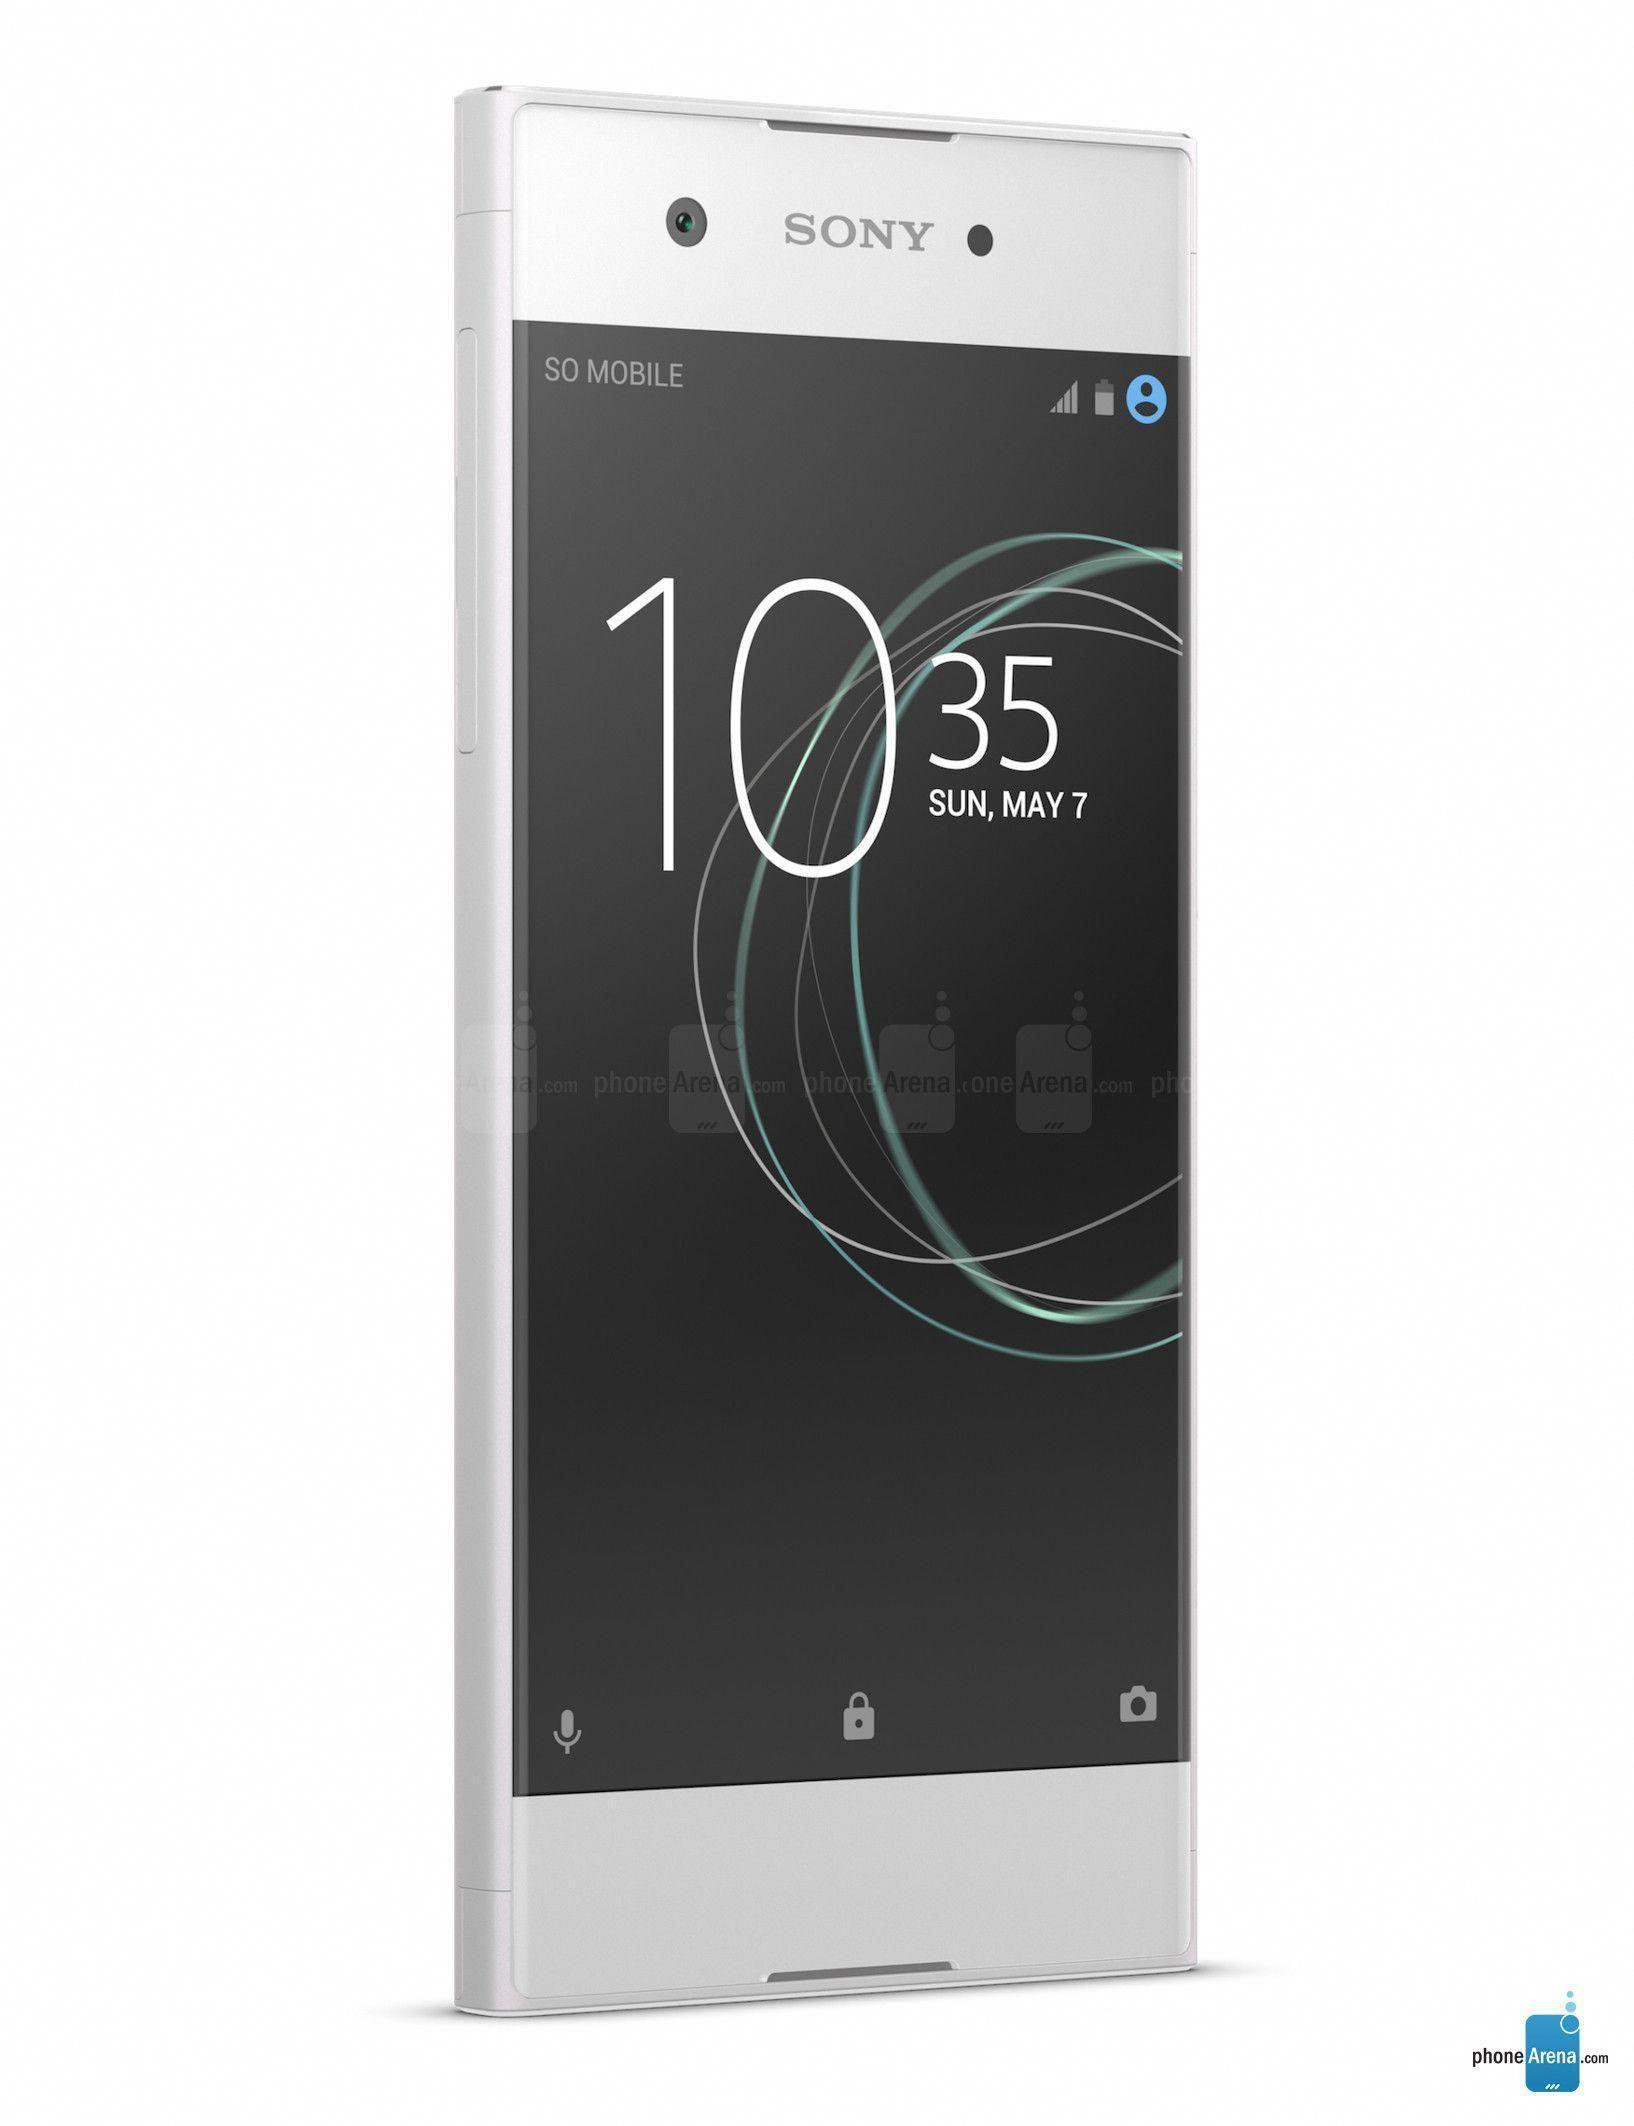 Sony Phone Xa2 Cellphonetragedy Sonymobilephones Sony Mobile Phones Phone Sony Xperia